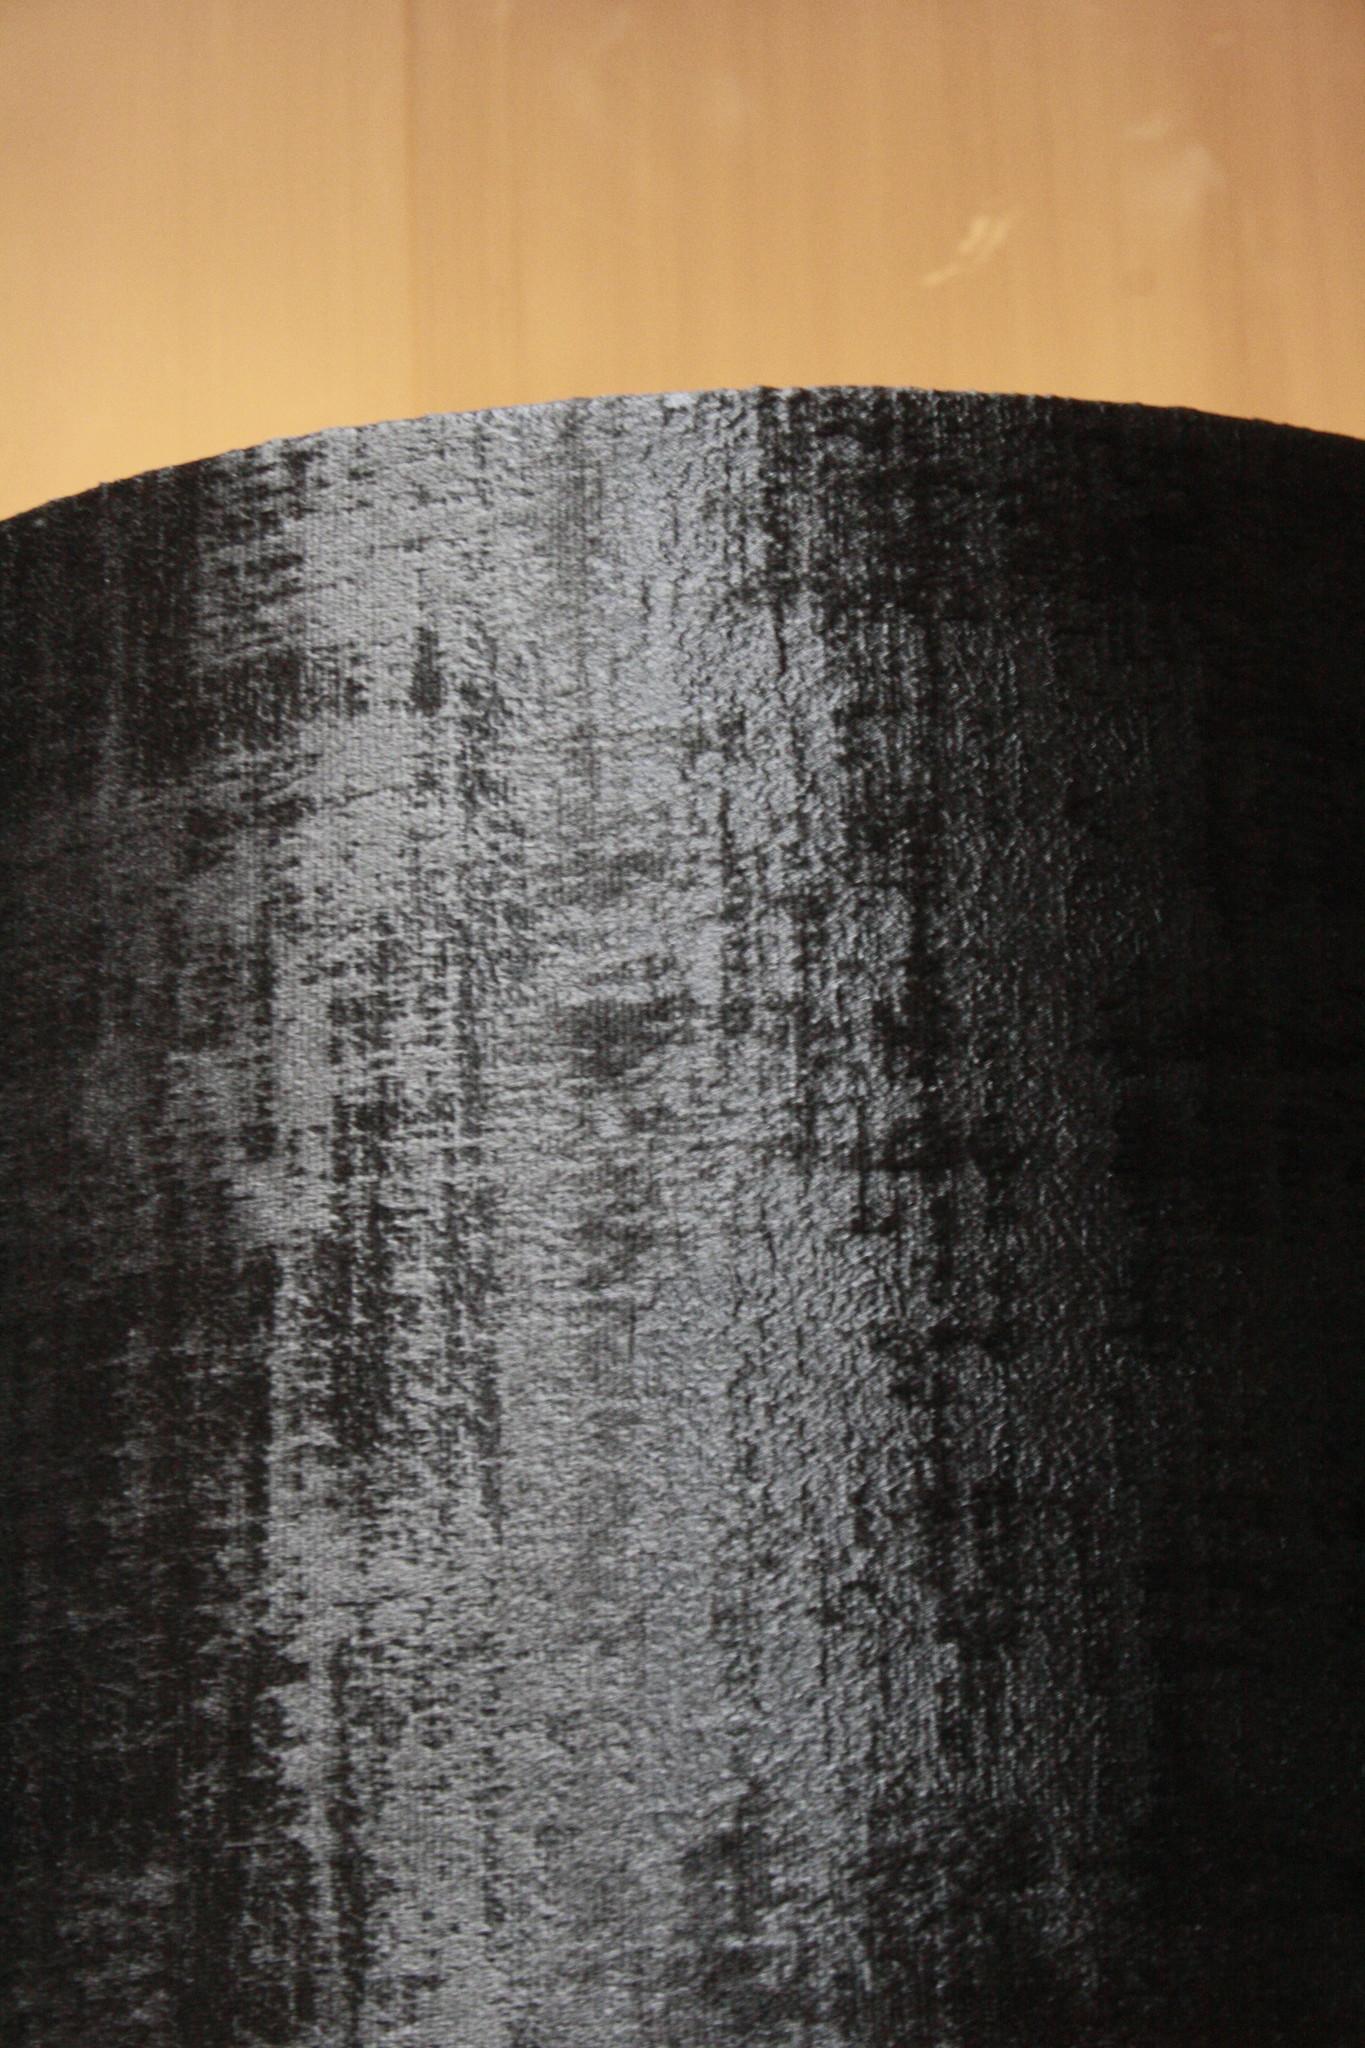 Vloerlamp 120 cm velvet robbs/taupe + natuurstenen voet-4